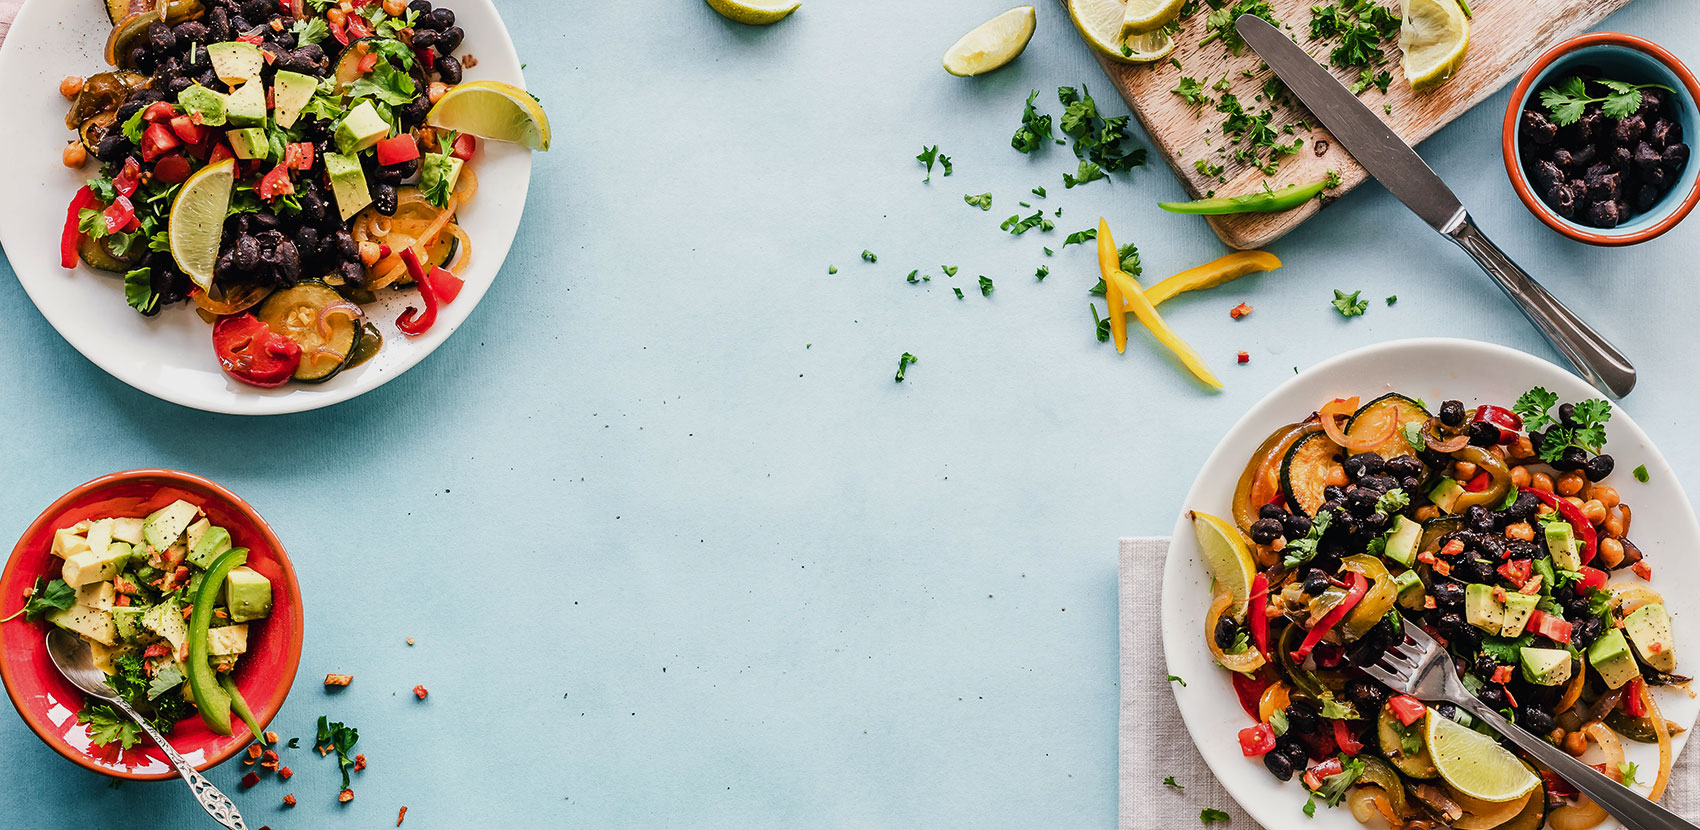 Platos de comida saludable